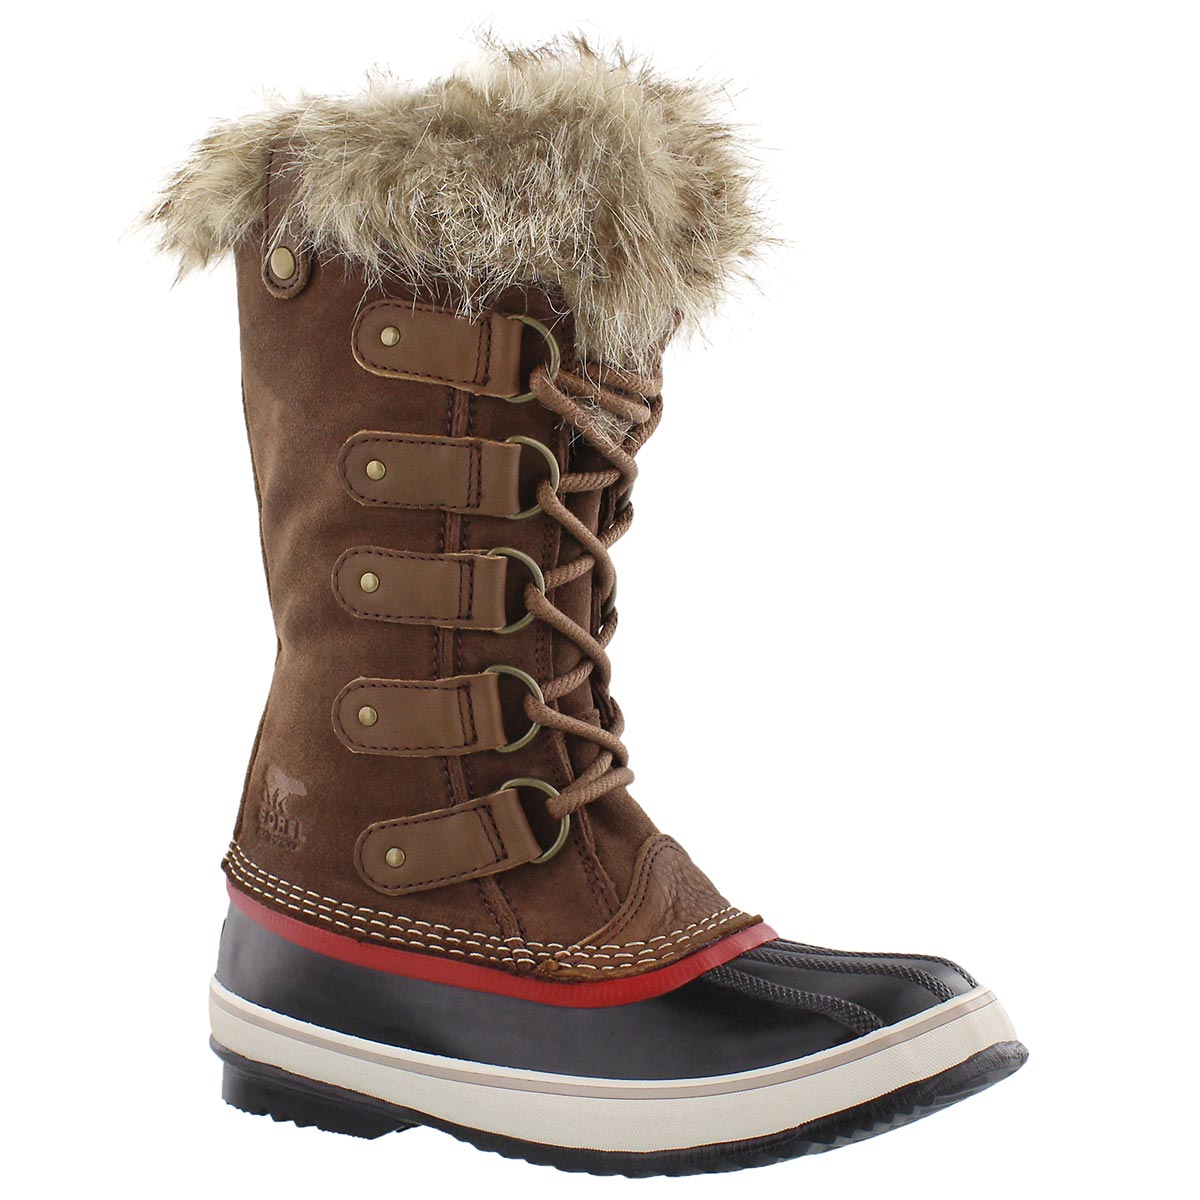 Women's JOAN OF ARCTIC umber winter boots